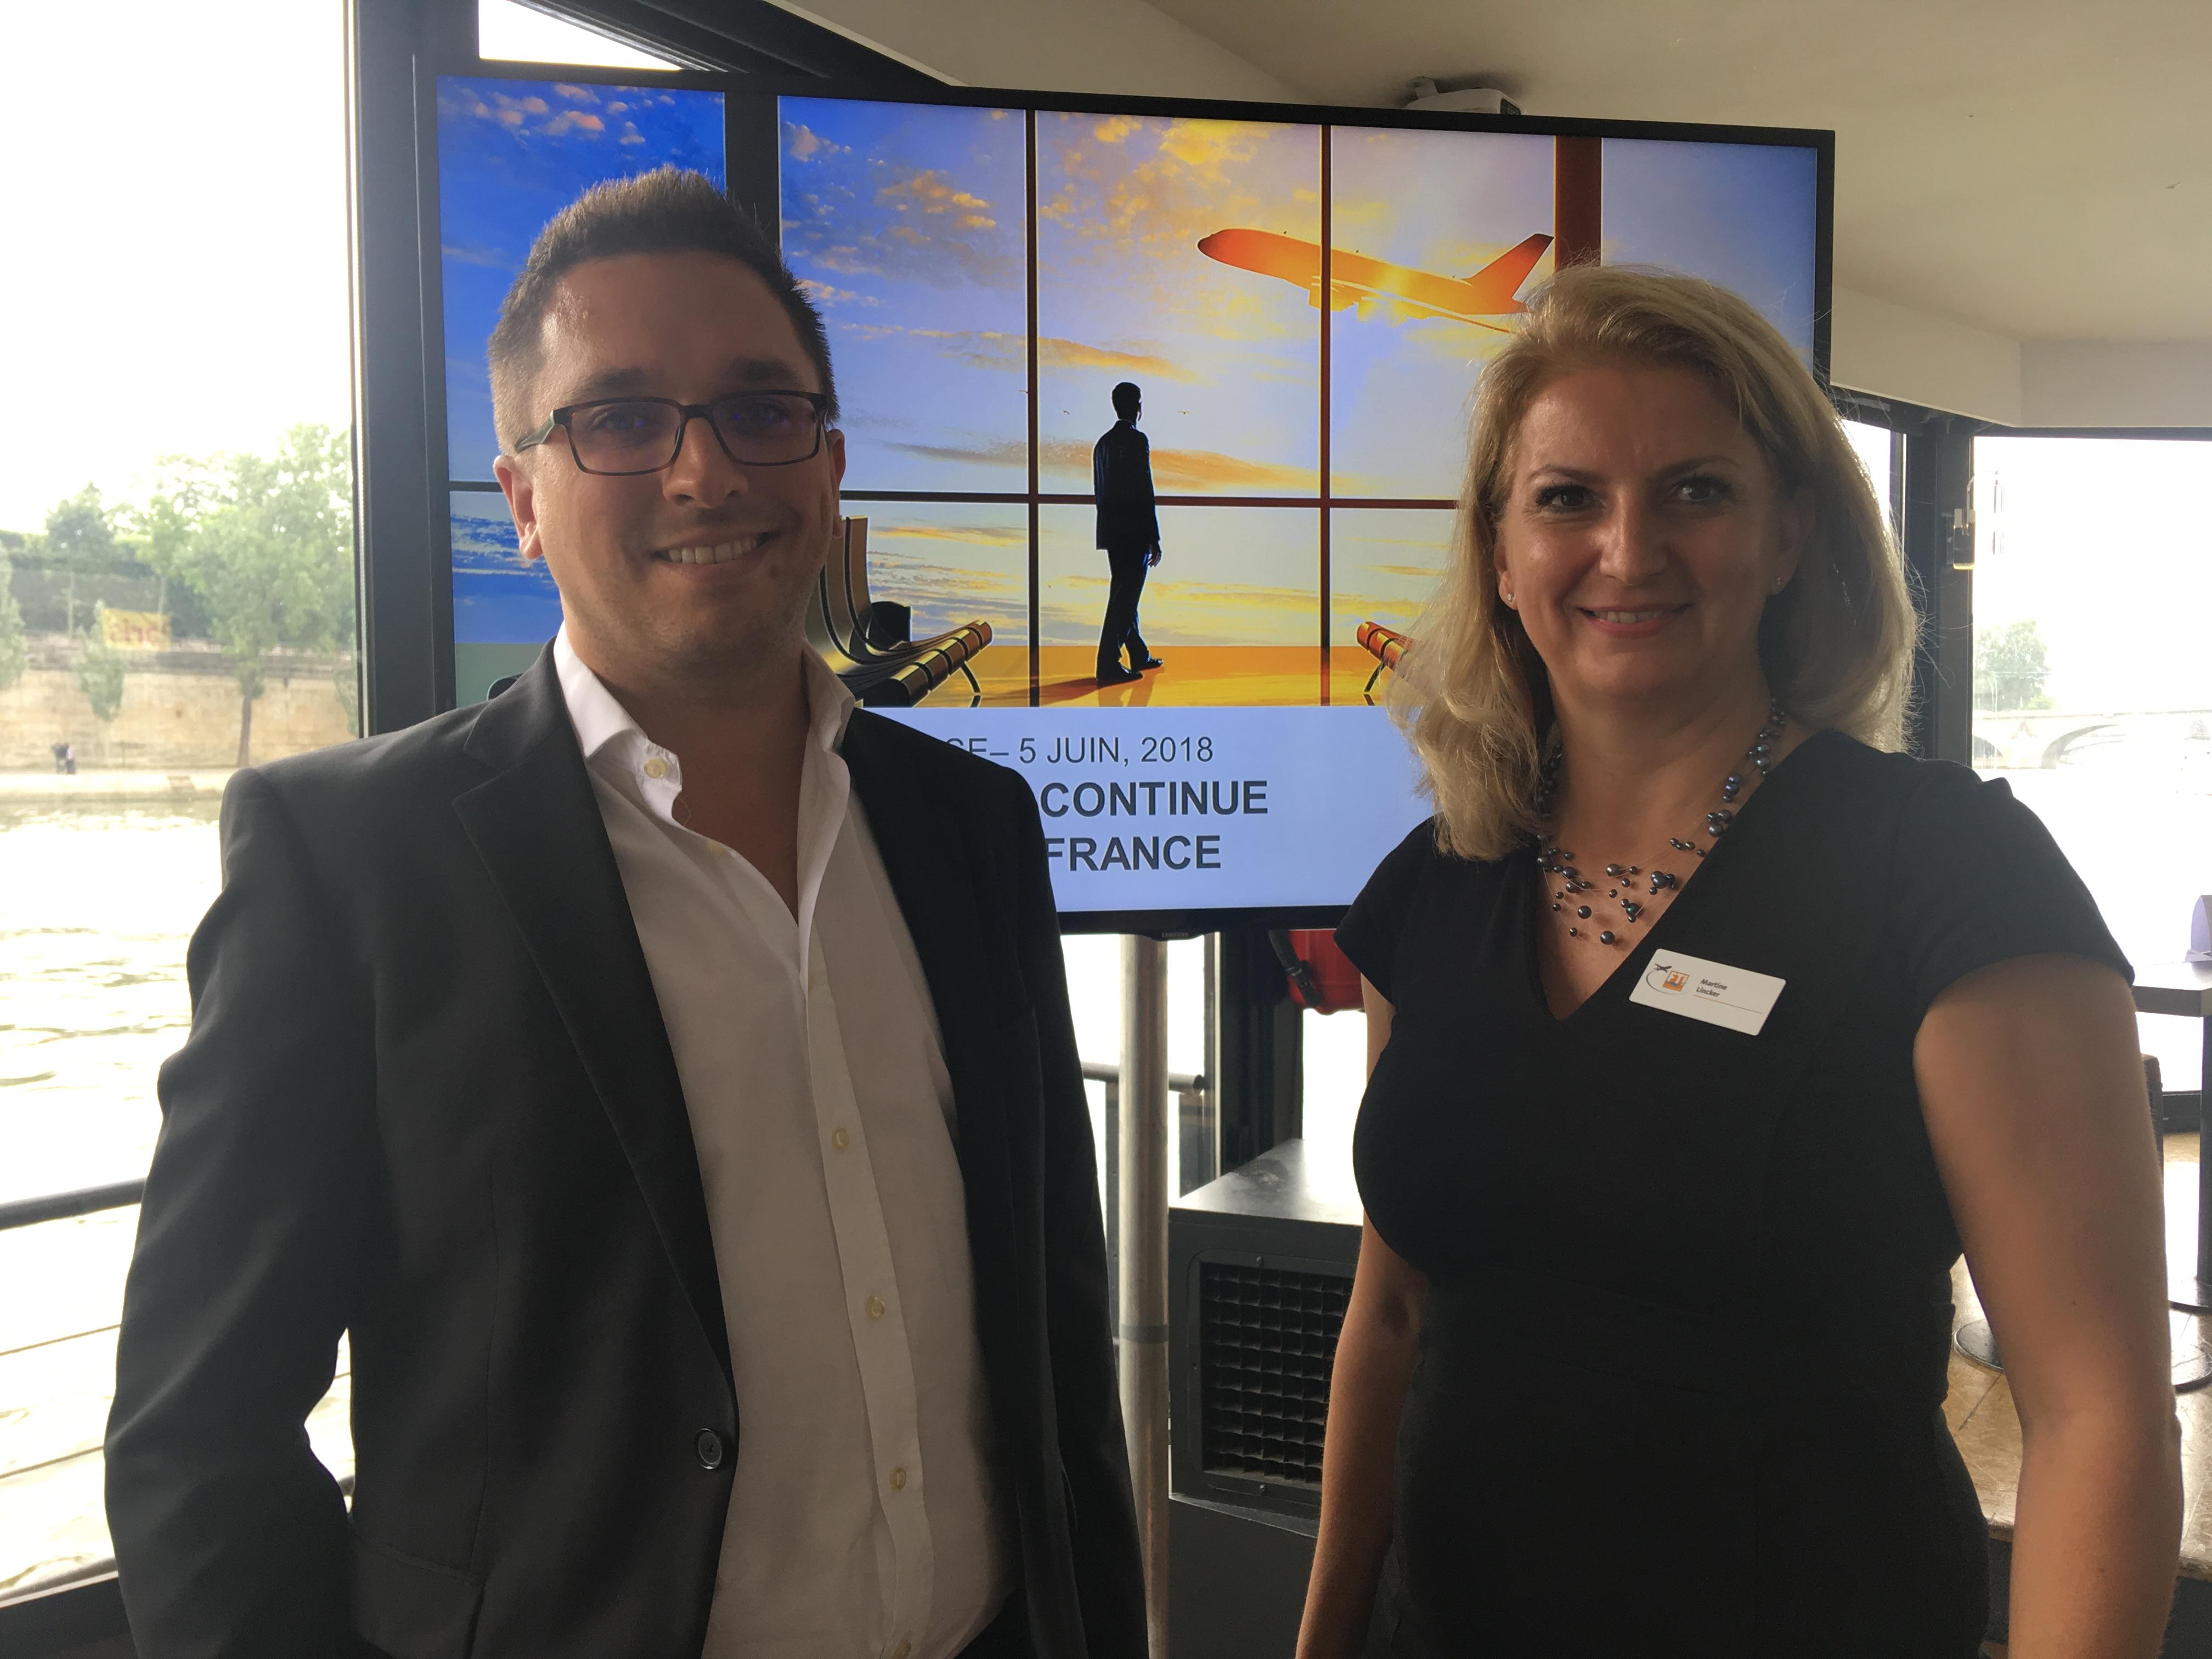 Maik Gruba, directeur général de FTI Ticketshop SAS et Martine Lincker, directrice des ventes. CL